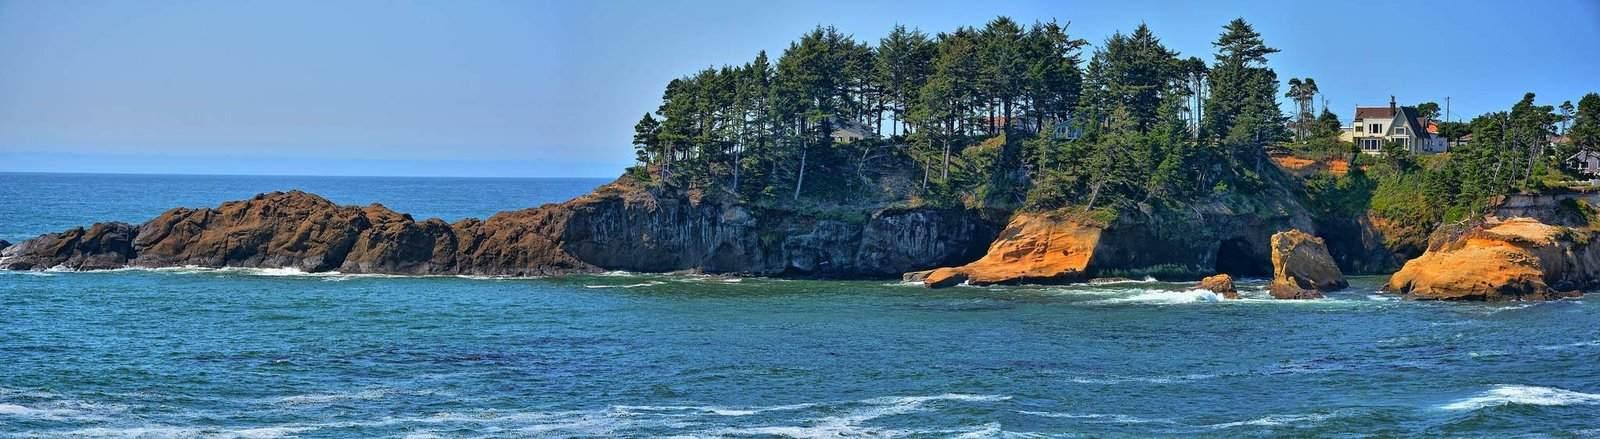 oregon coast Day at Oregon Coast